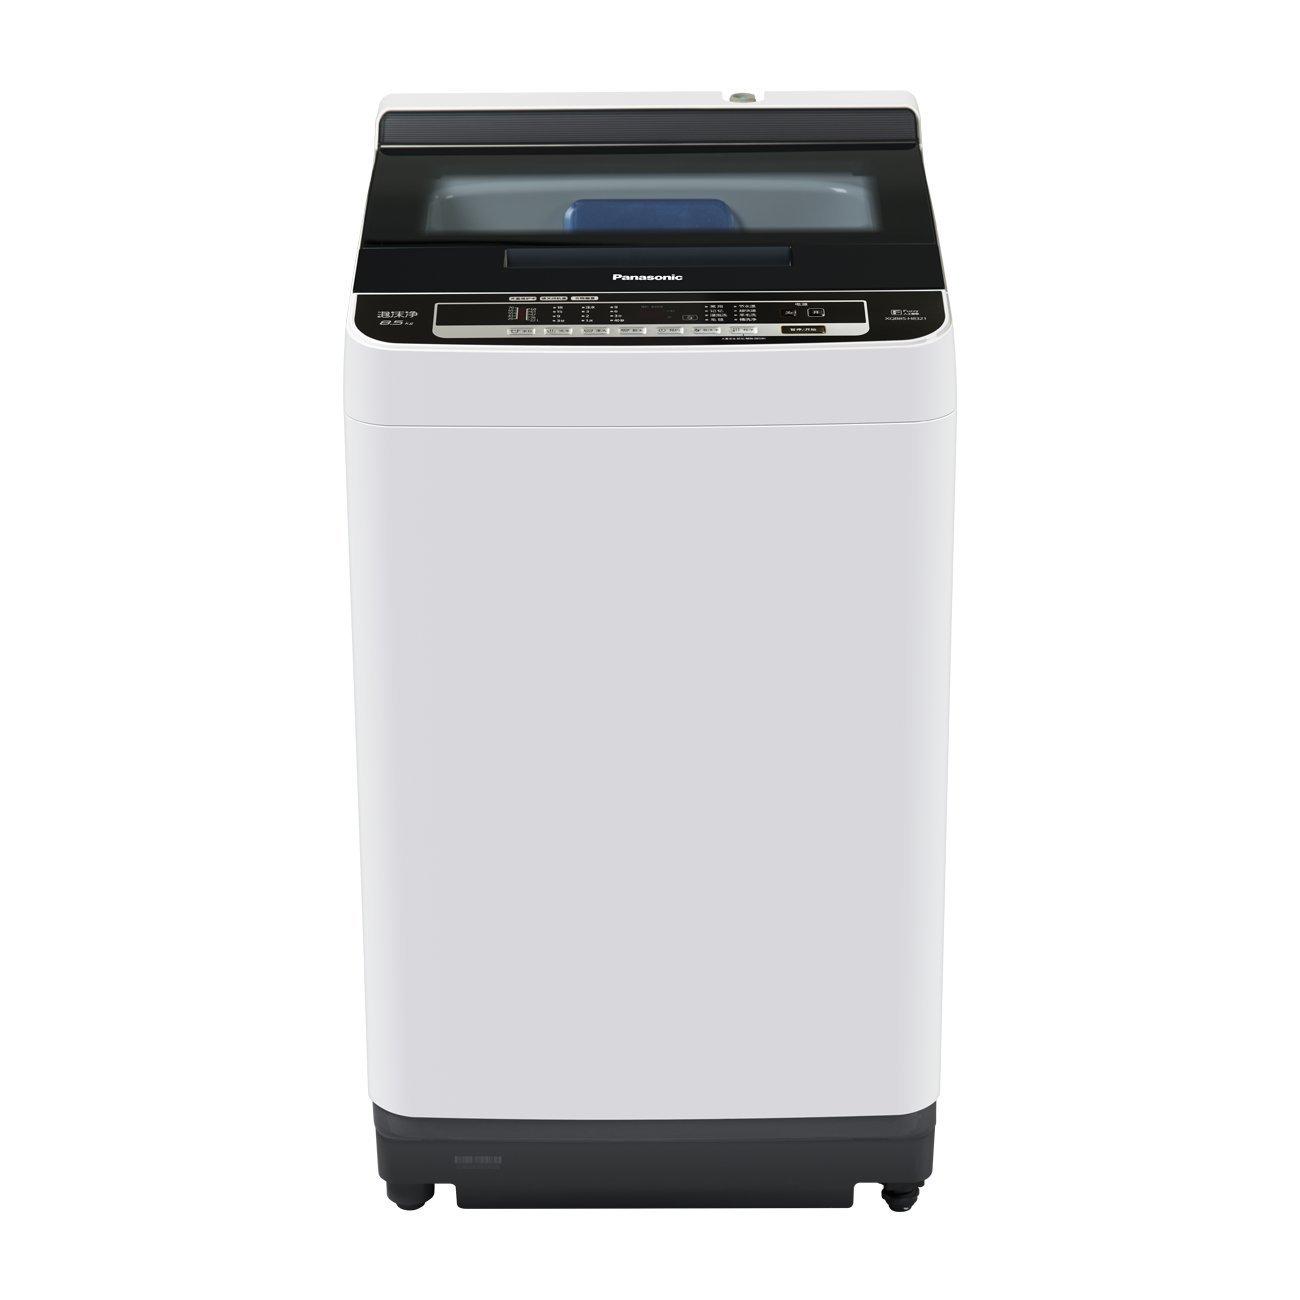 Máy giặt Panasonic Panasonic 8.5kg tự động hoàn toàn công suất lớn bọt máy giặt sạch XQB85-H8231 (nh